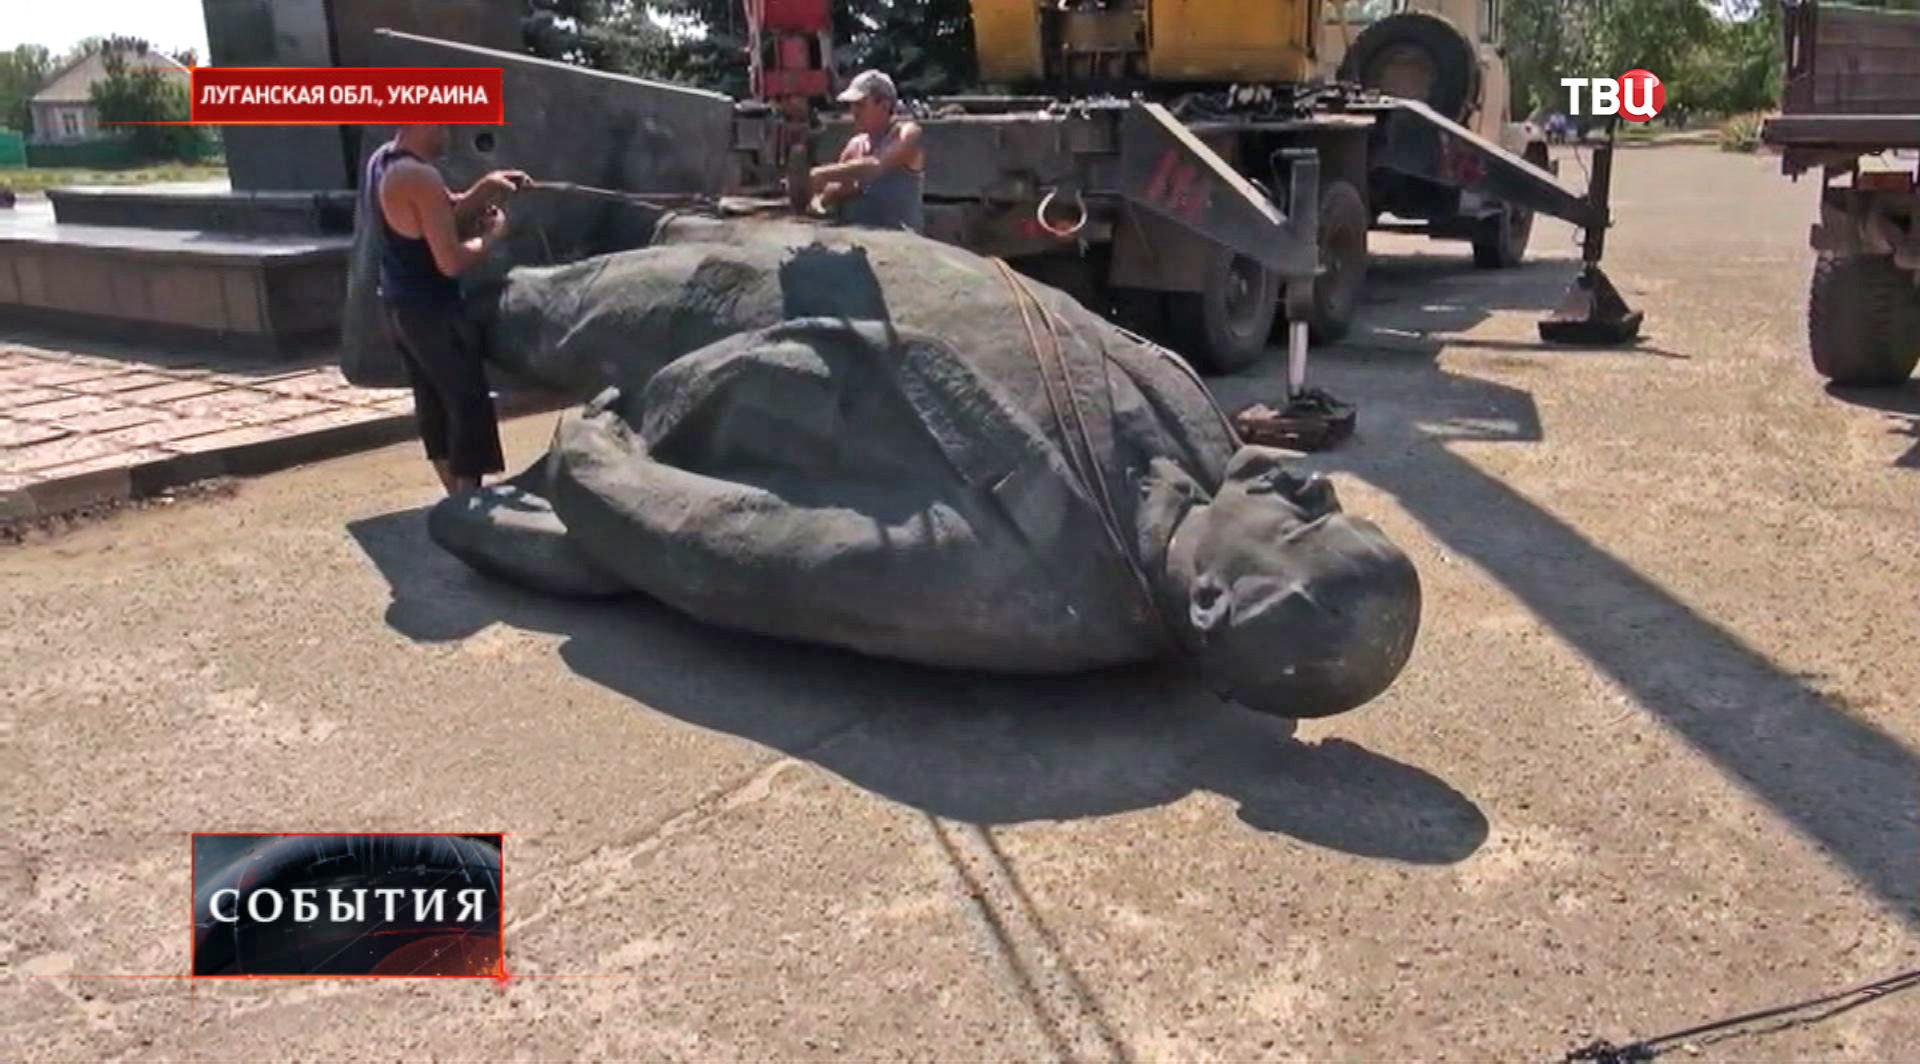 Демонтаж памятника Ленину в Луганской области